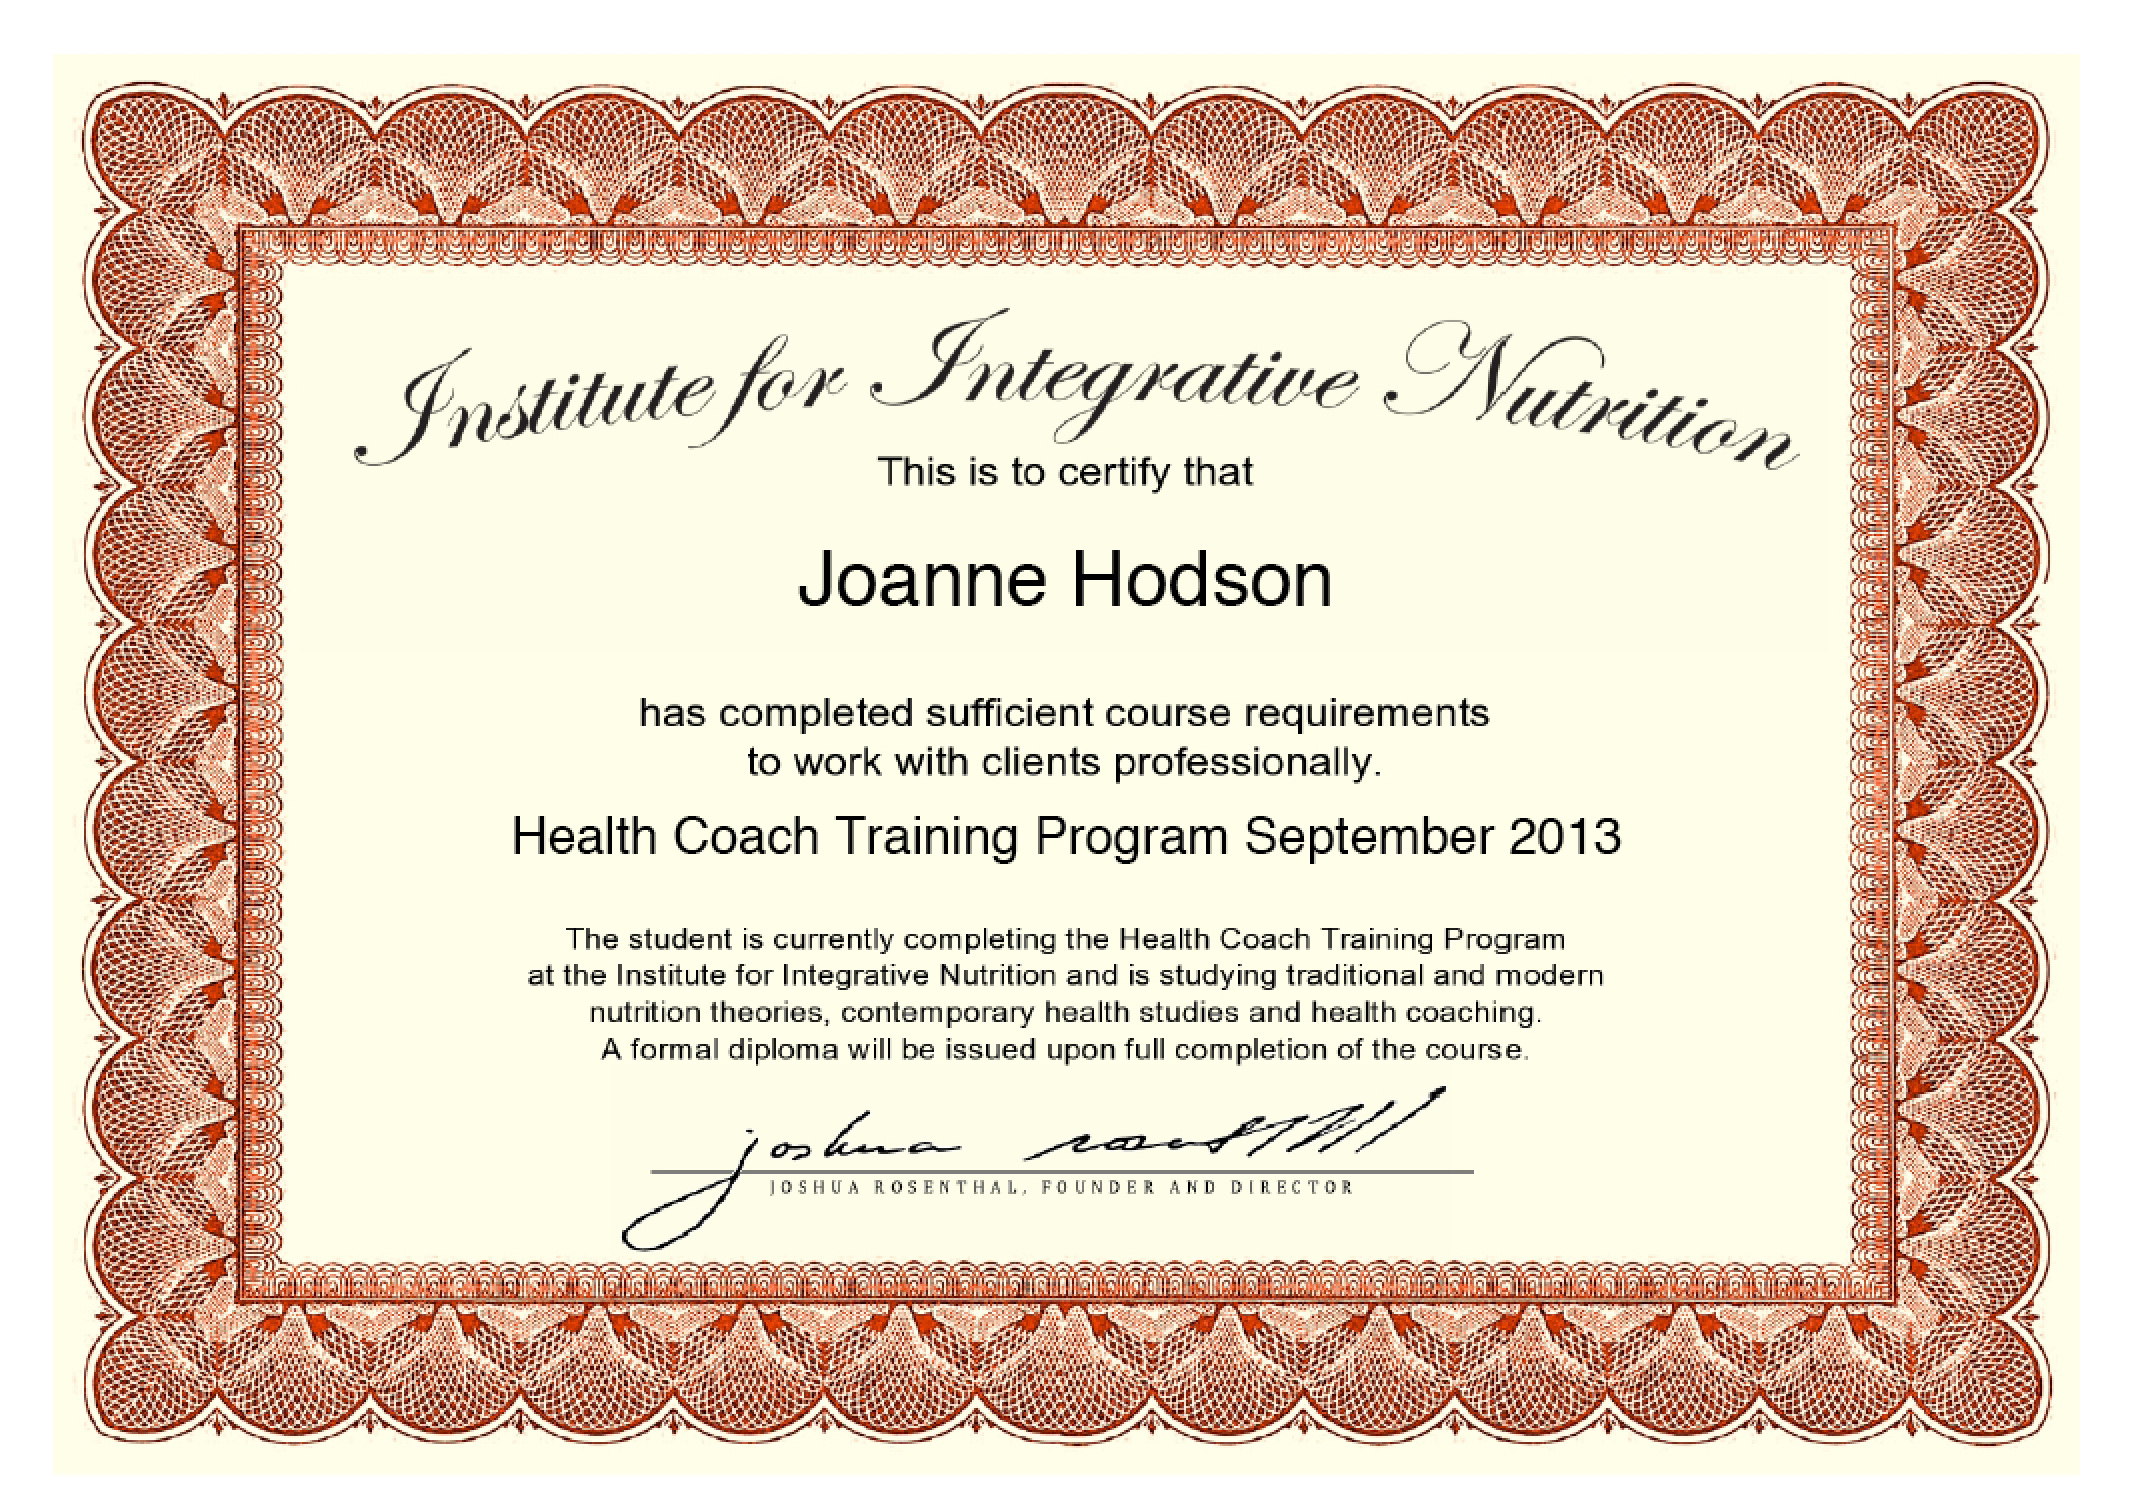 IIN certificate.jpg